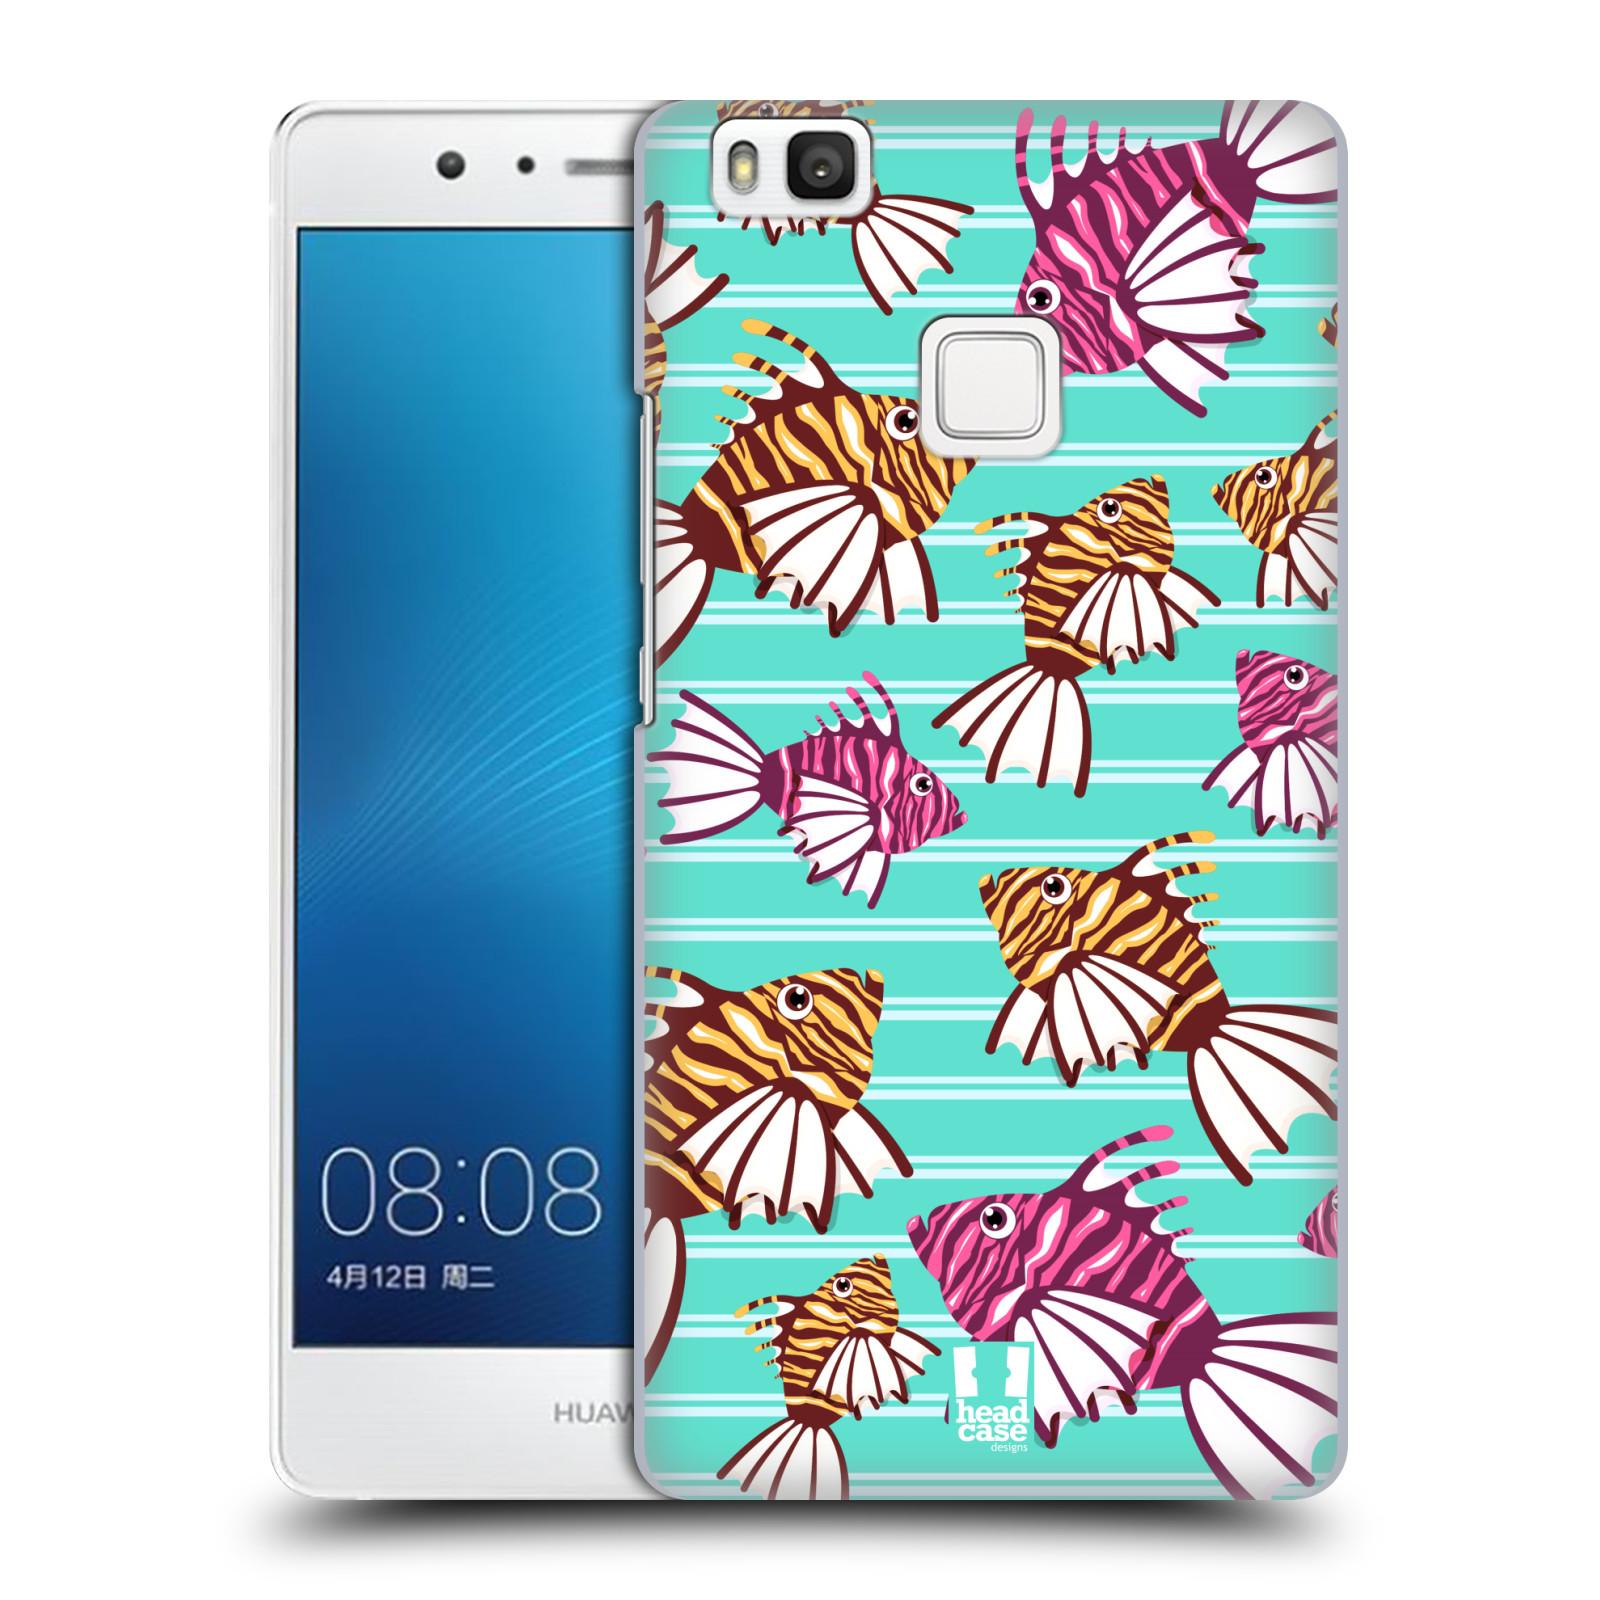 HEAD CASE plastový obal na mobil Huawei P9 LITE / P9 LITE DUAL SIM vzor mořský živočich ryba